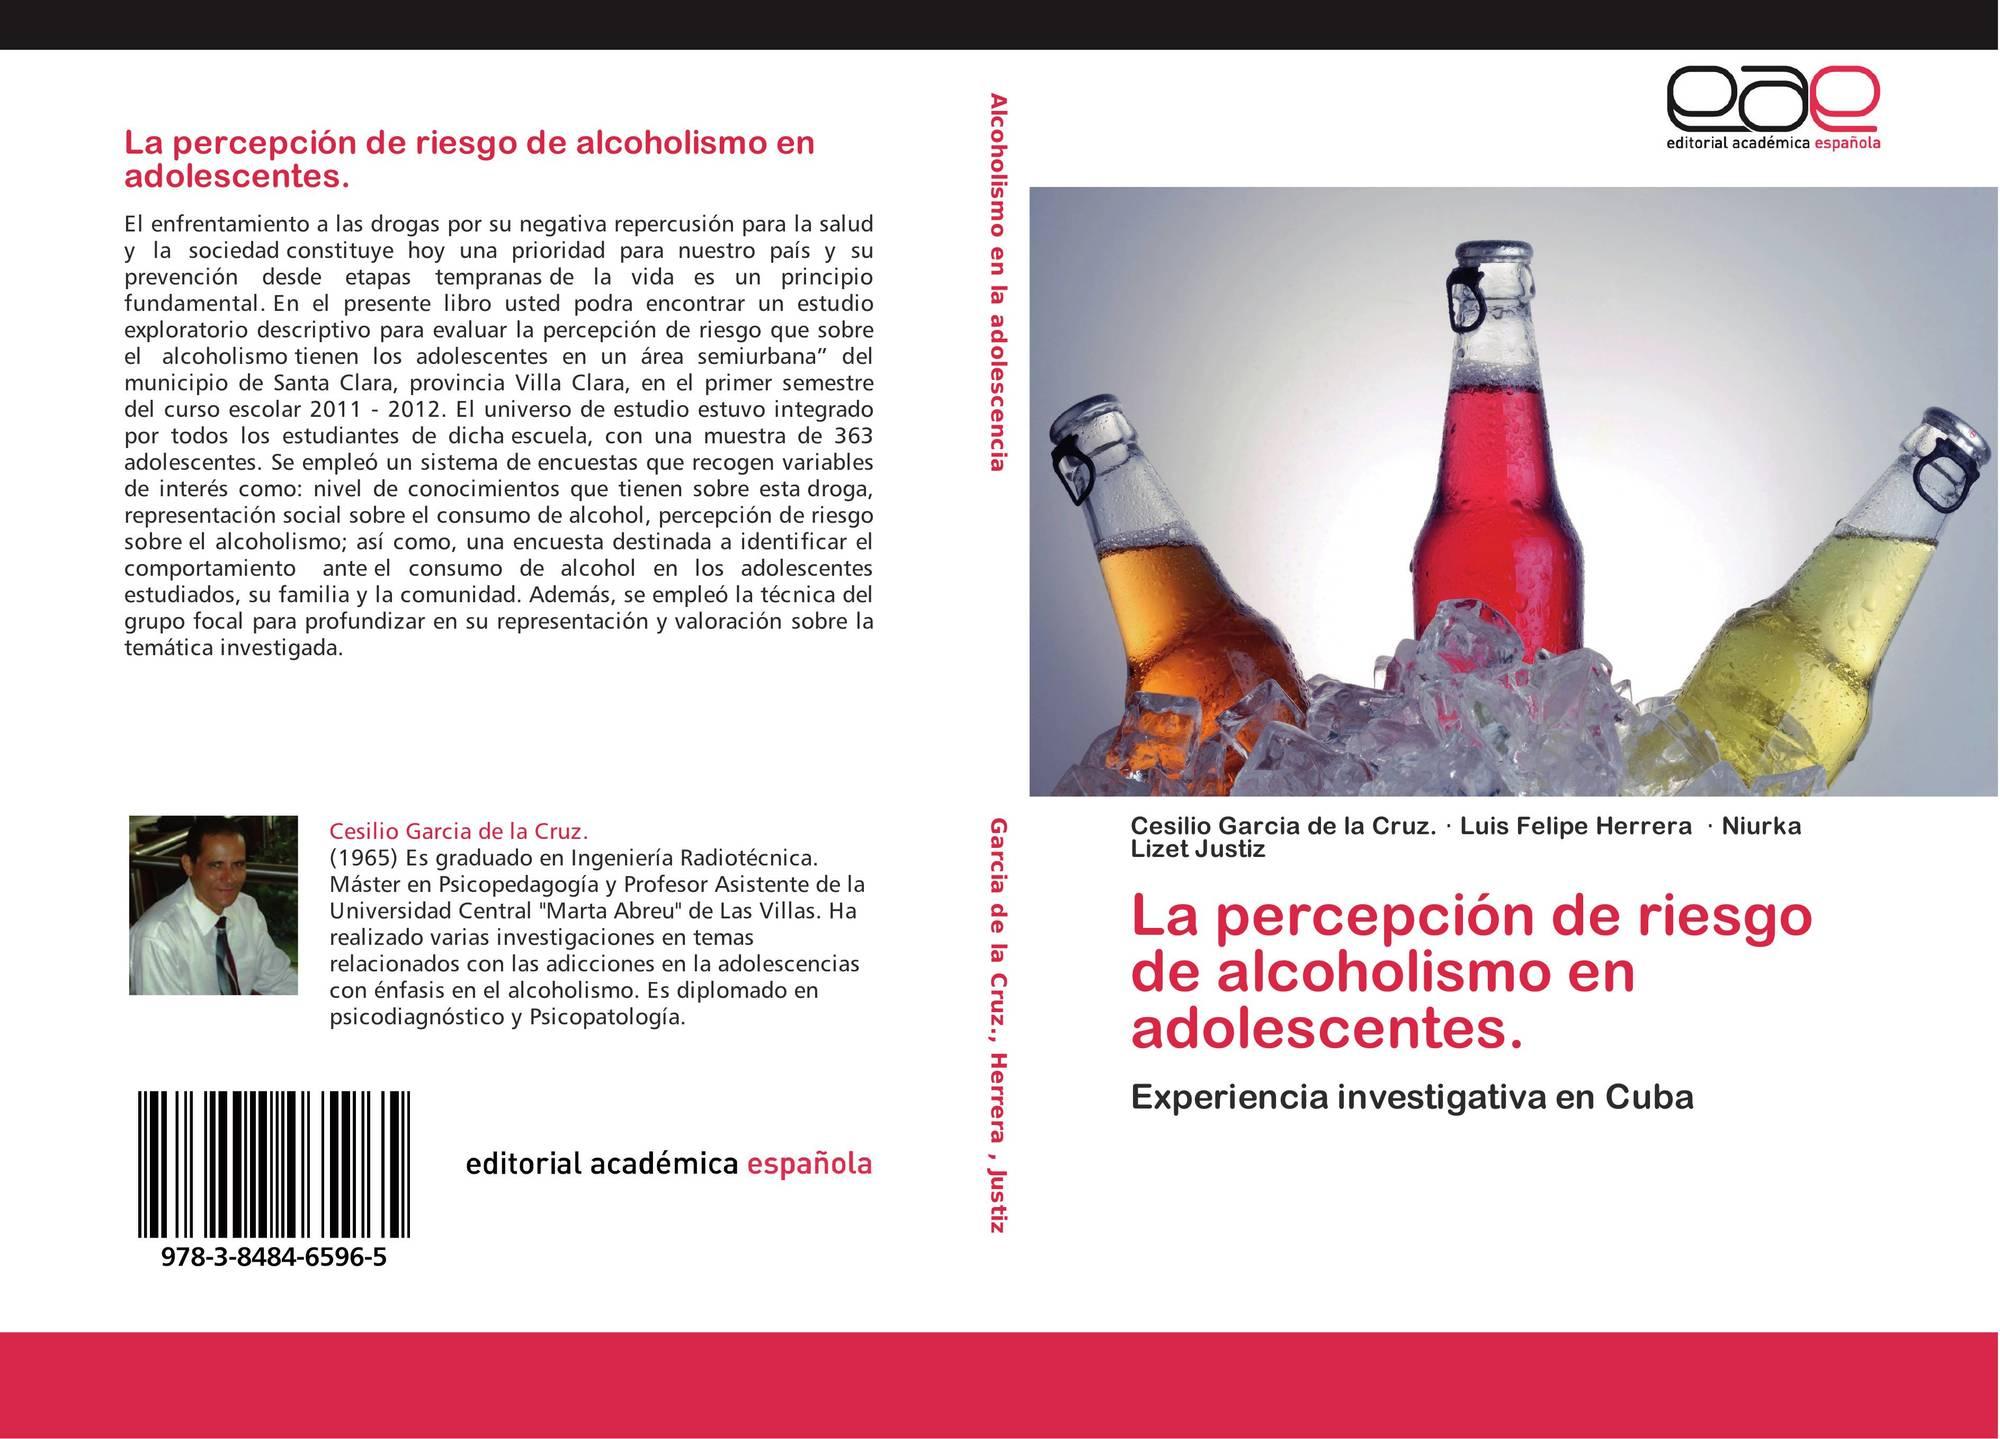 La Percepción De Riesgo De Alcoholismo En Adolescentes 978